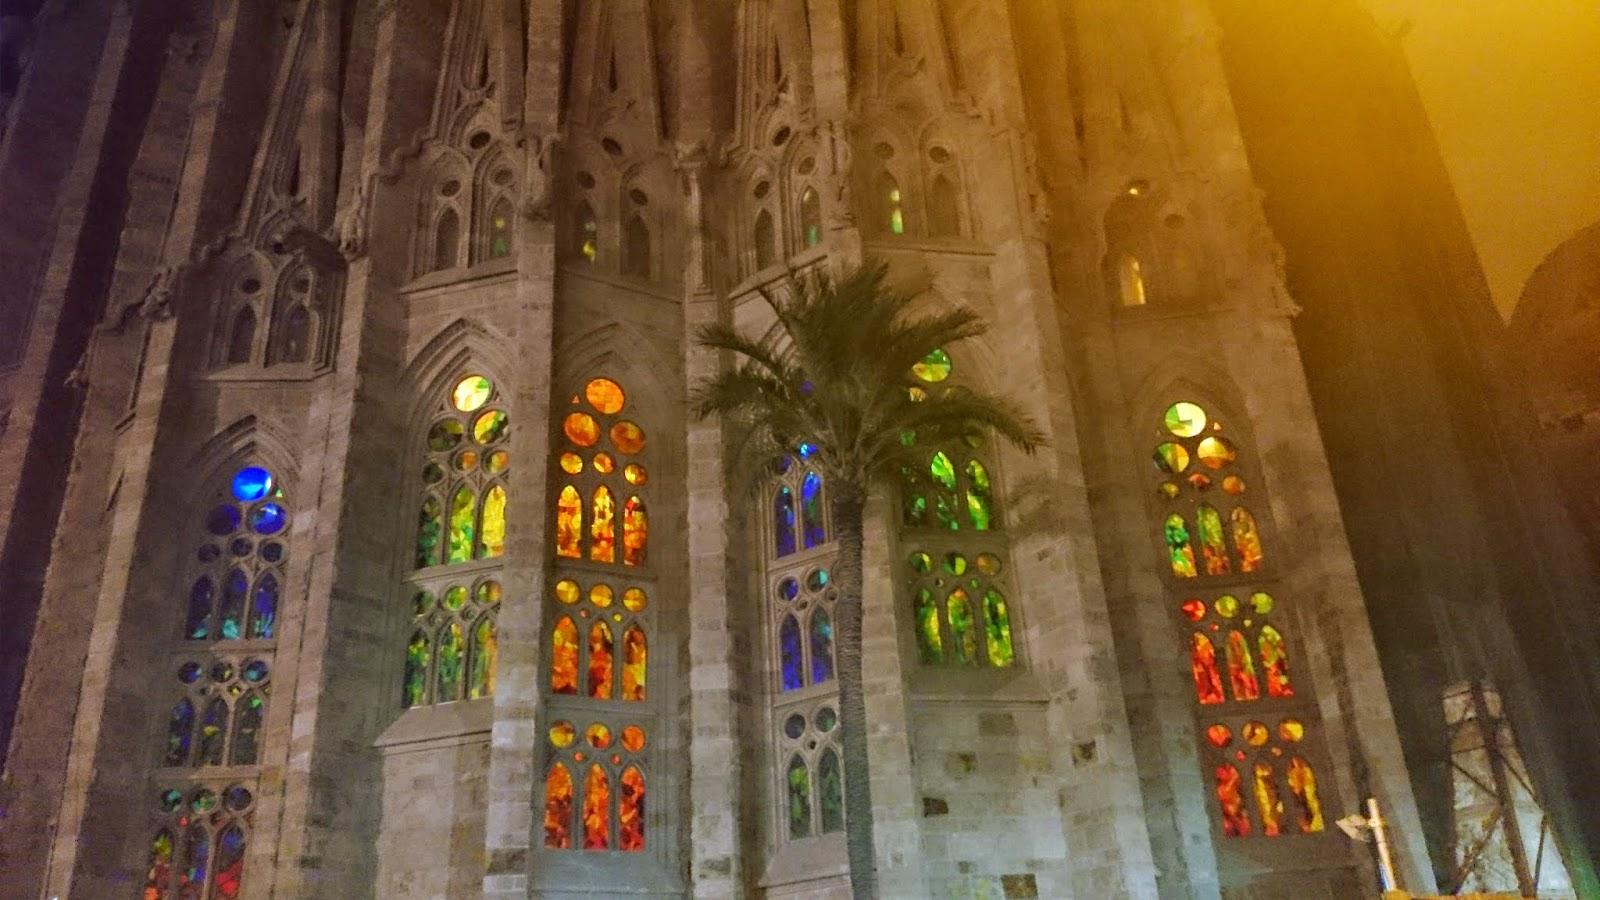 sagrada famila,barcelona,sagrada familia nocą,jak wygląda sagrada familia,atrakcje w barcelonie,witraże w barcelonie,hiszania atrakcje,wakacje w barcelonie